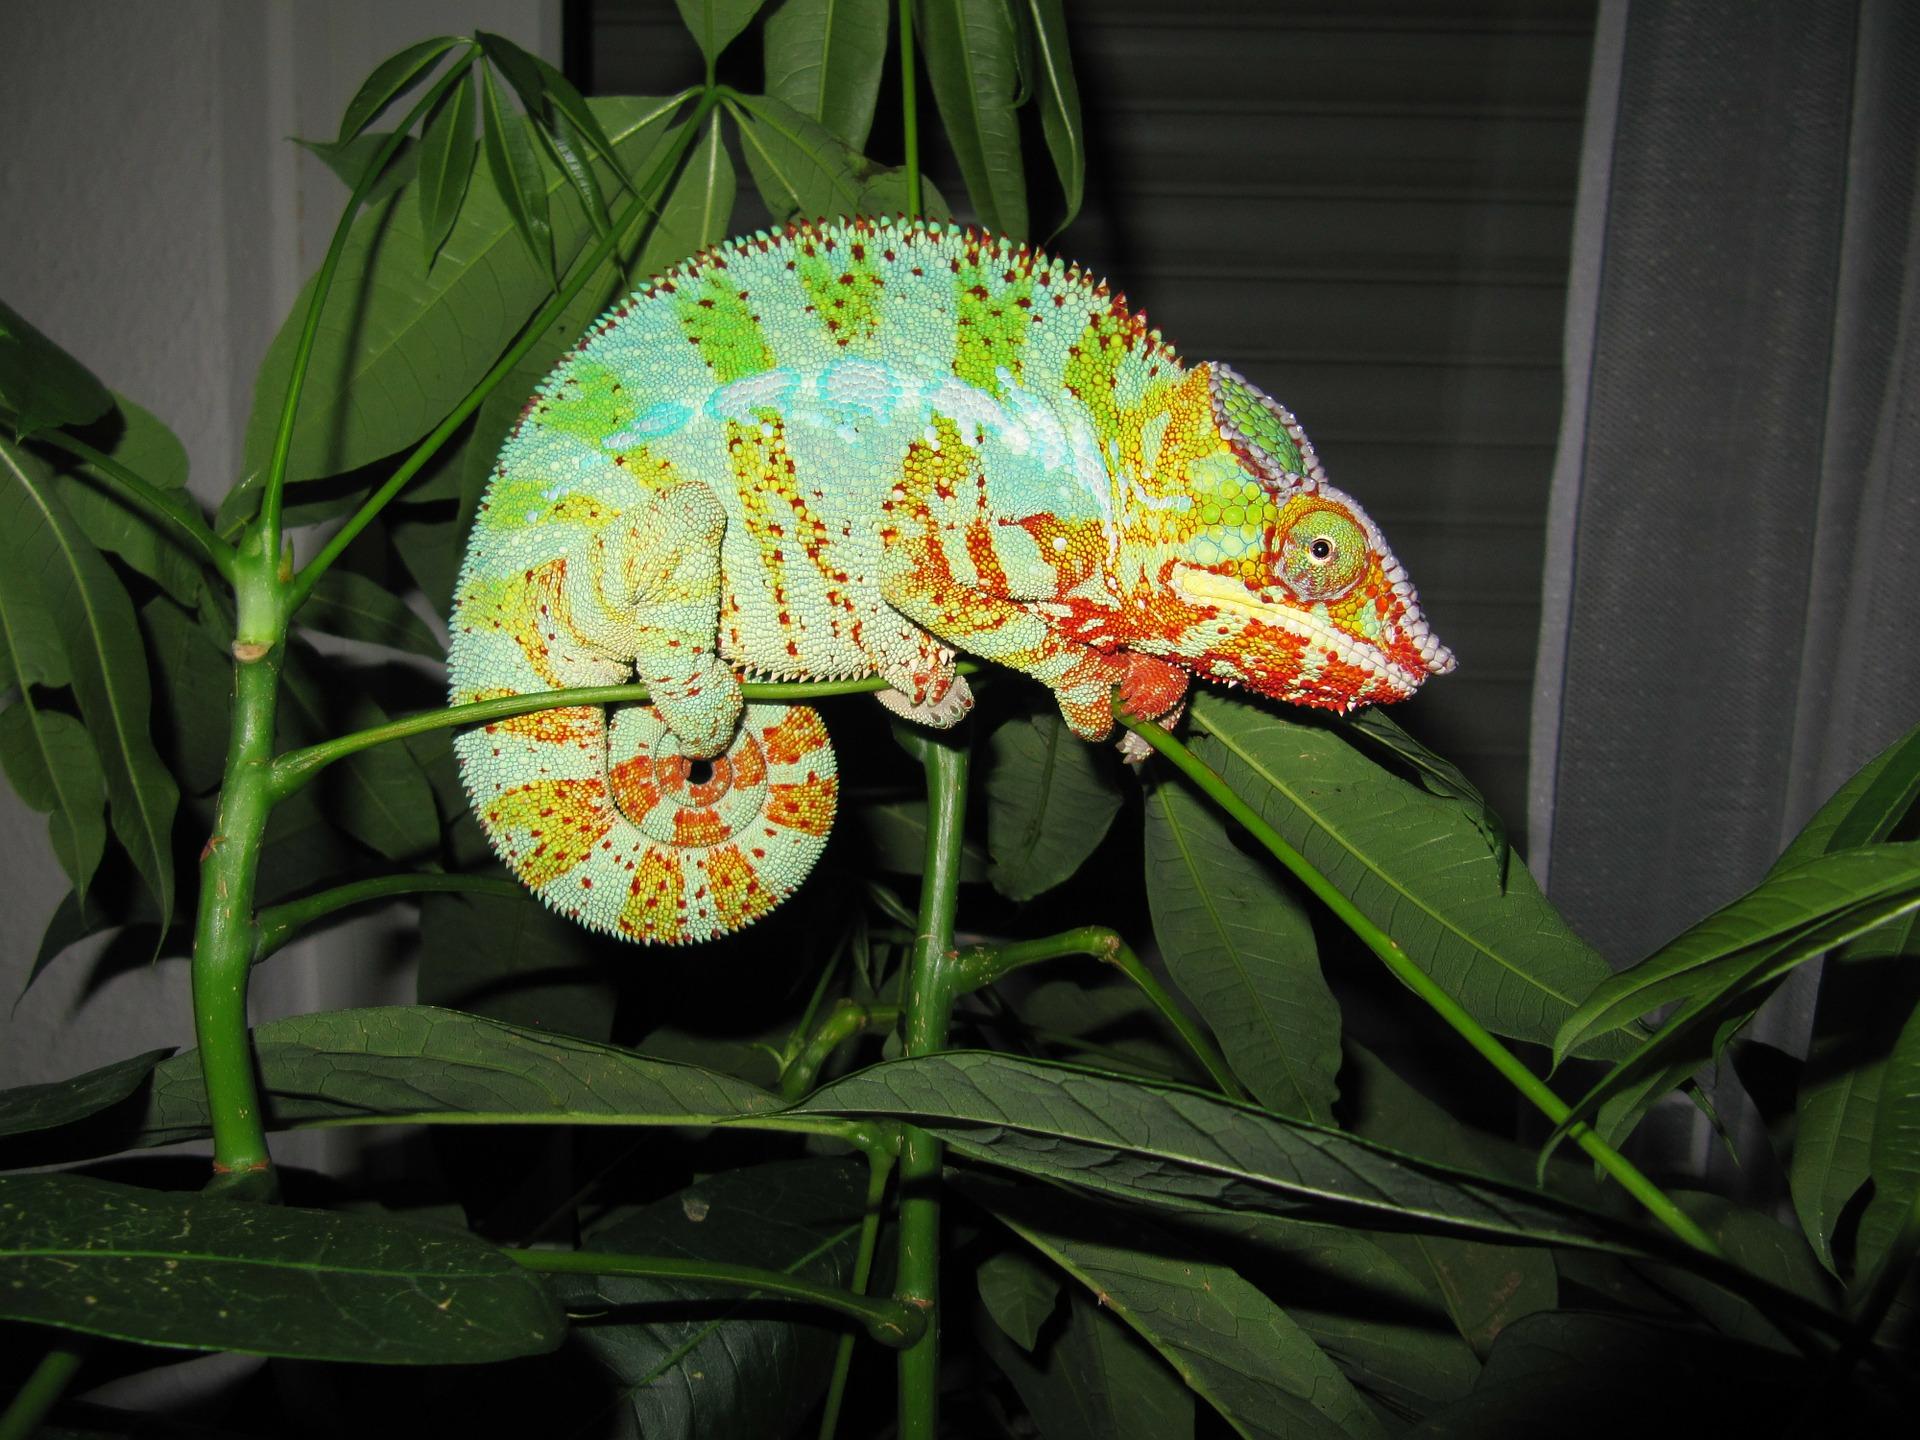 Dlaczego kameleon zmienia kolor